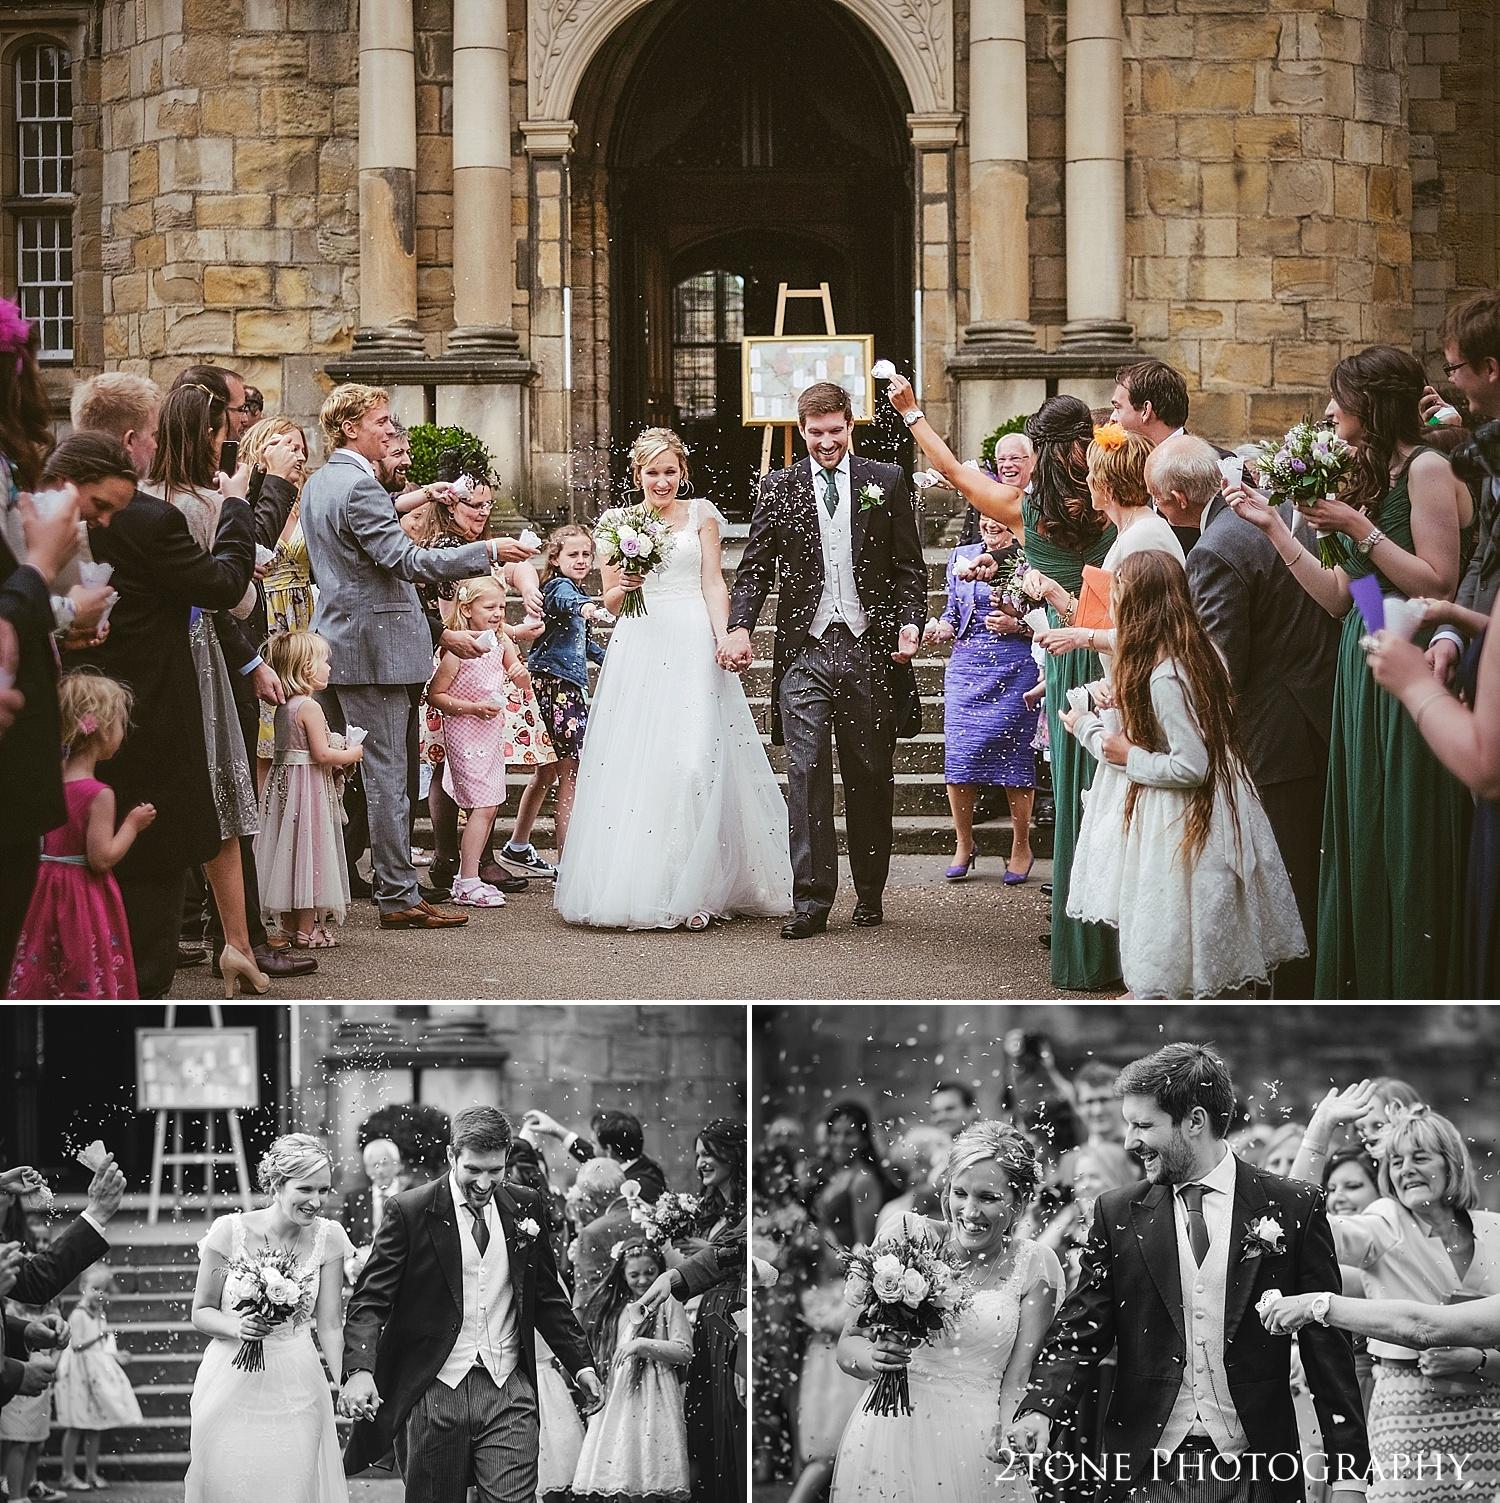 Wedding confetti.  Natural wedding photography in Durham by Durham based wedding photographers www.2tonephotography.co.uk